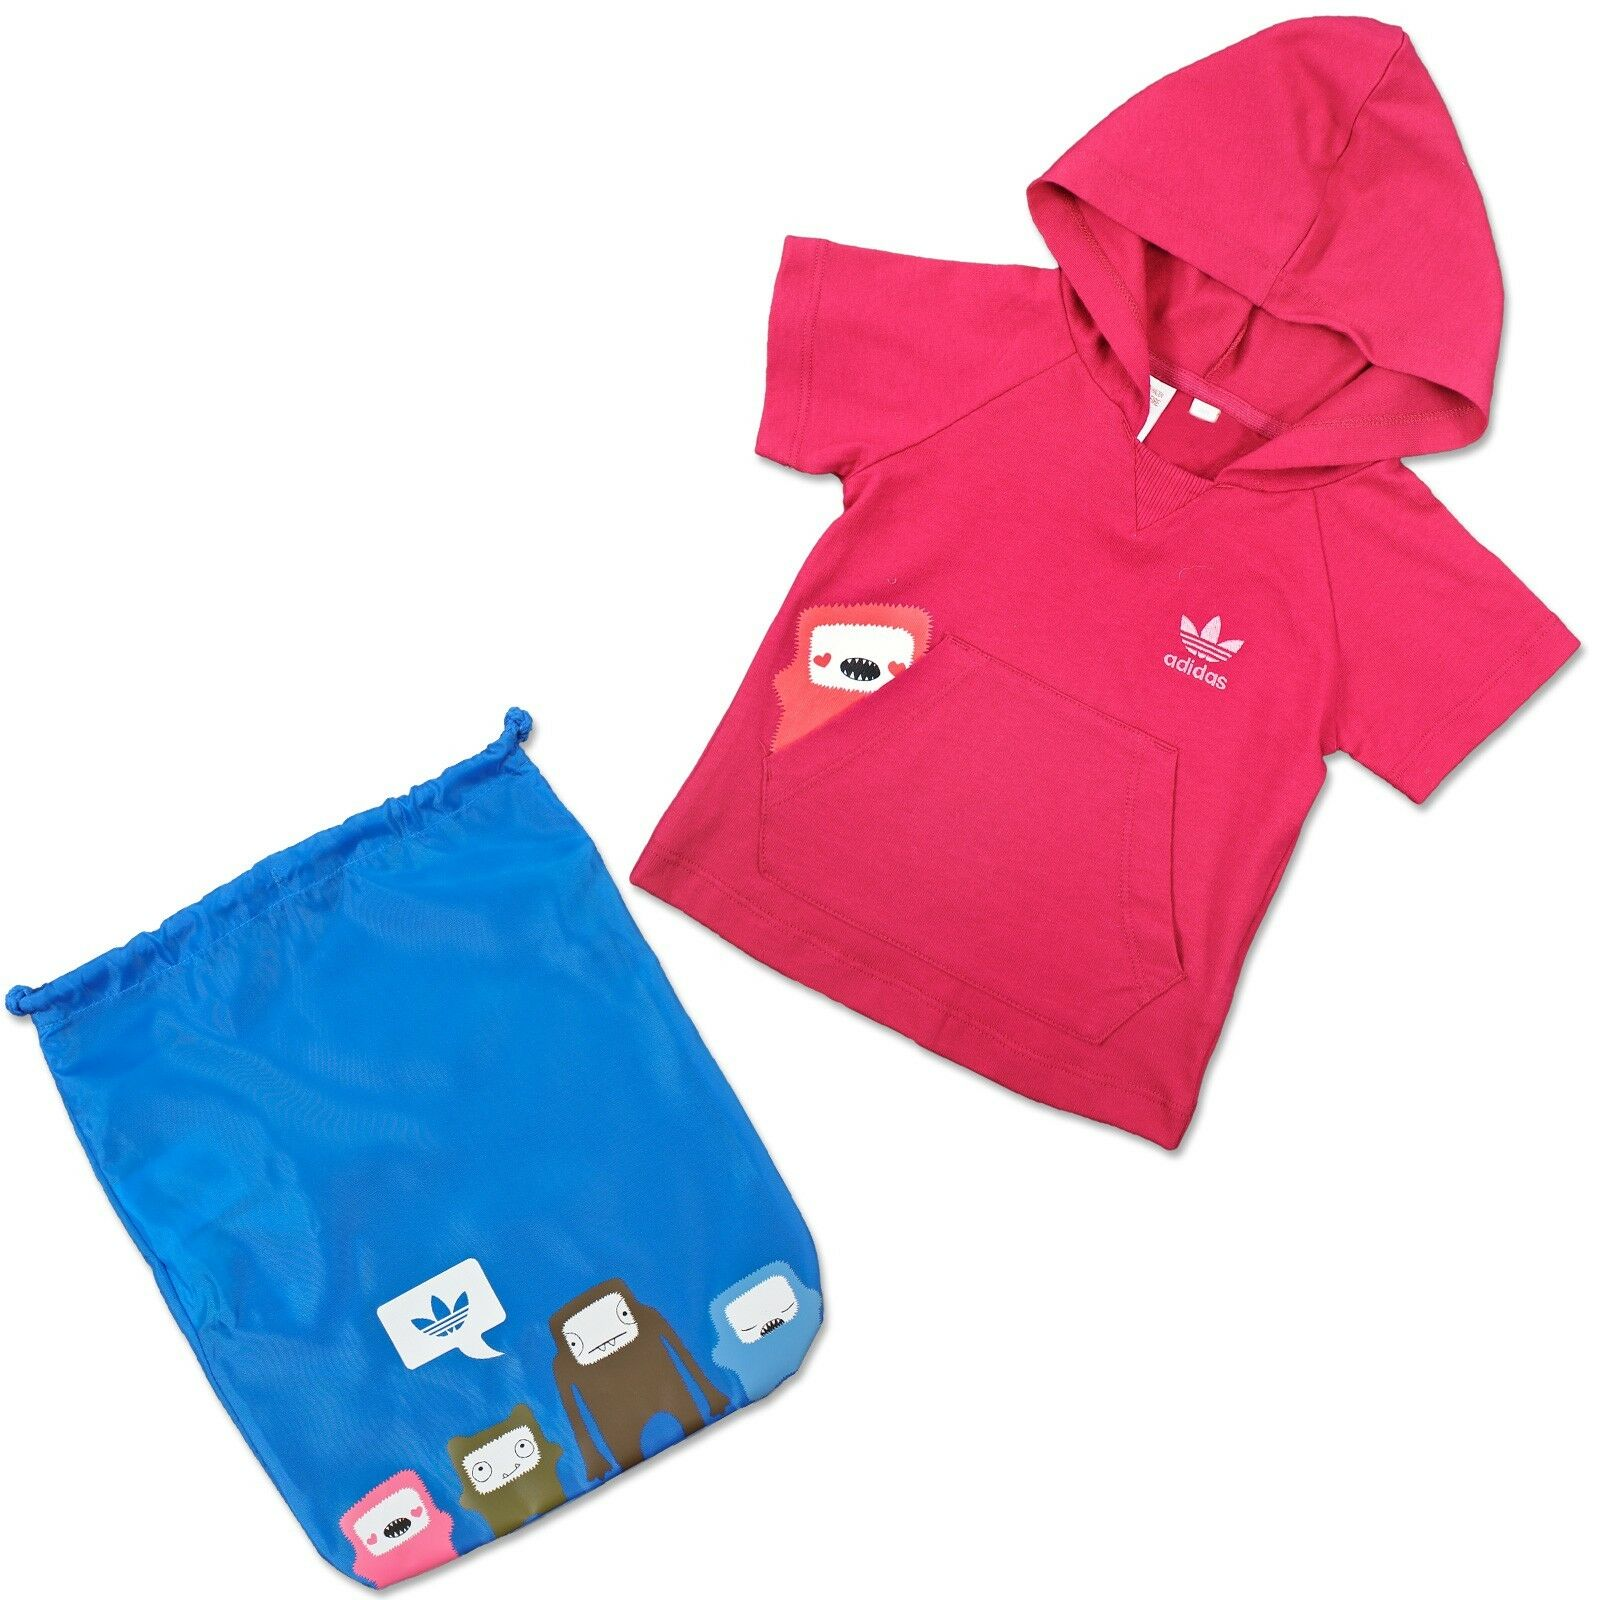 ADIDAS ORIGINALS ENFANTS ENSEMBLE T-shirt + pochette Monstre Hoodie Sac Coffret Cadeau